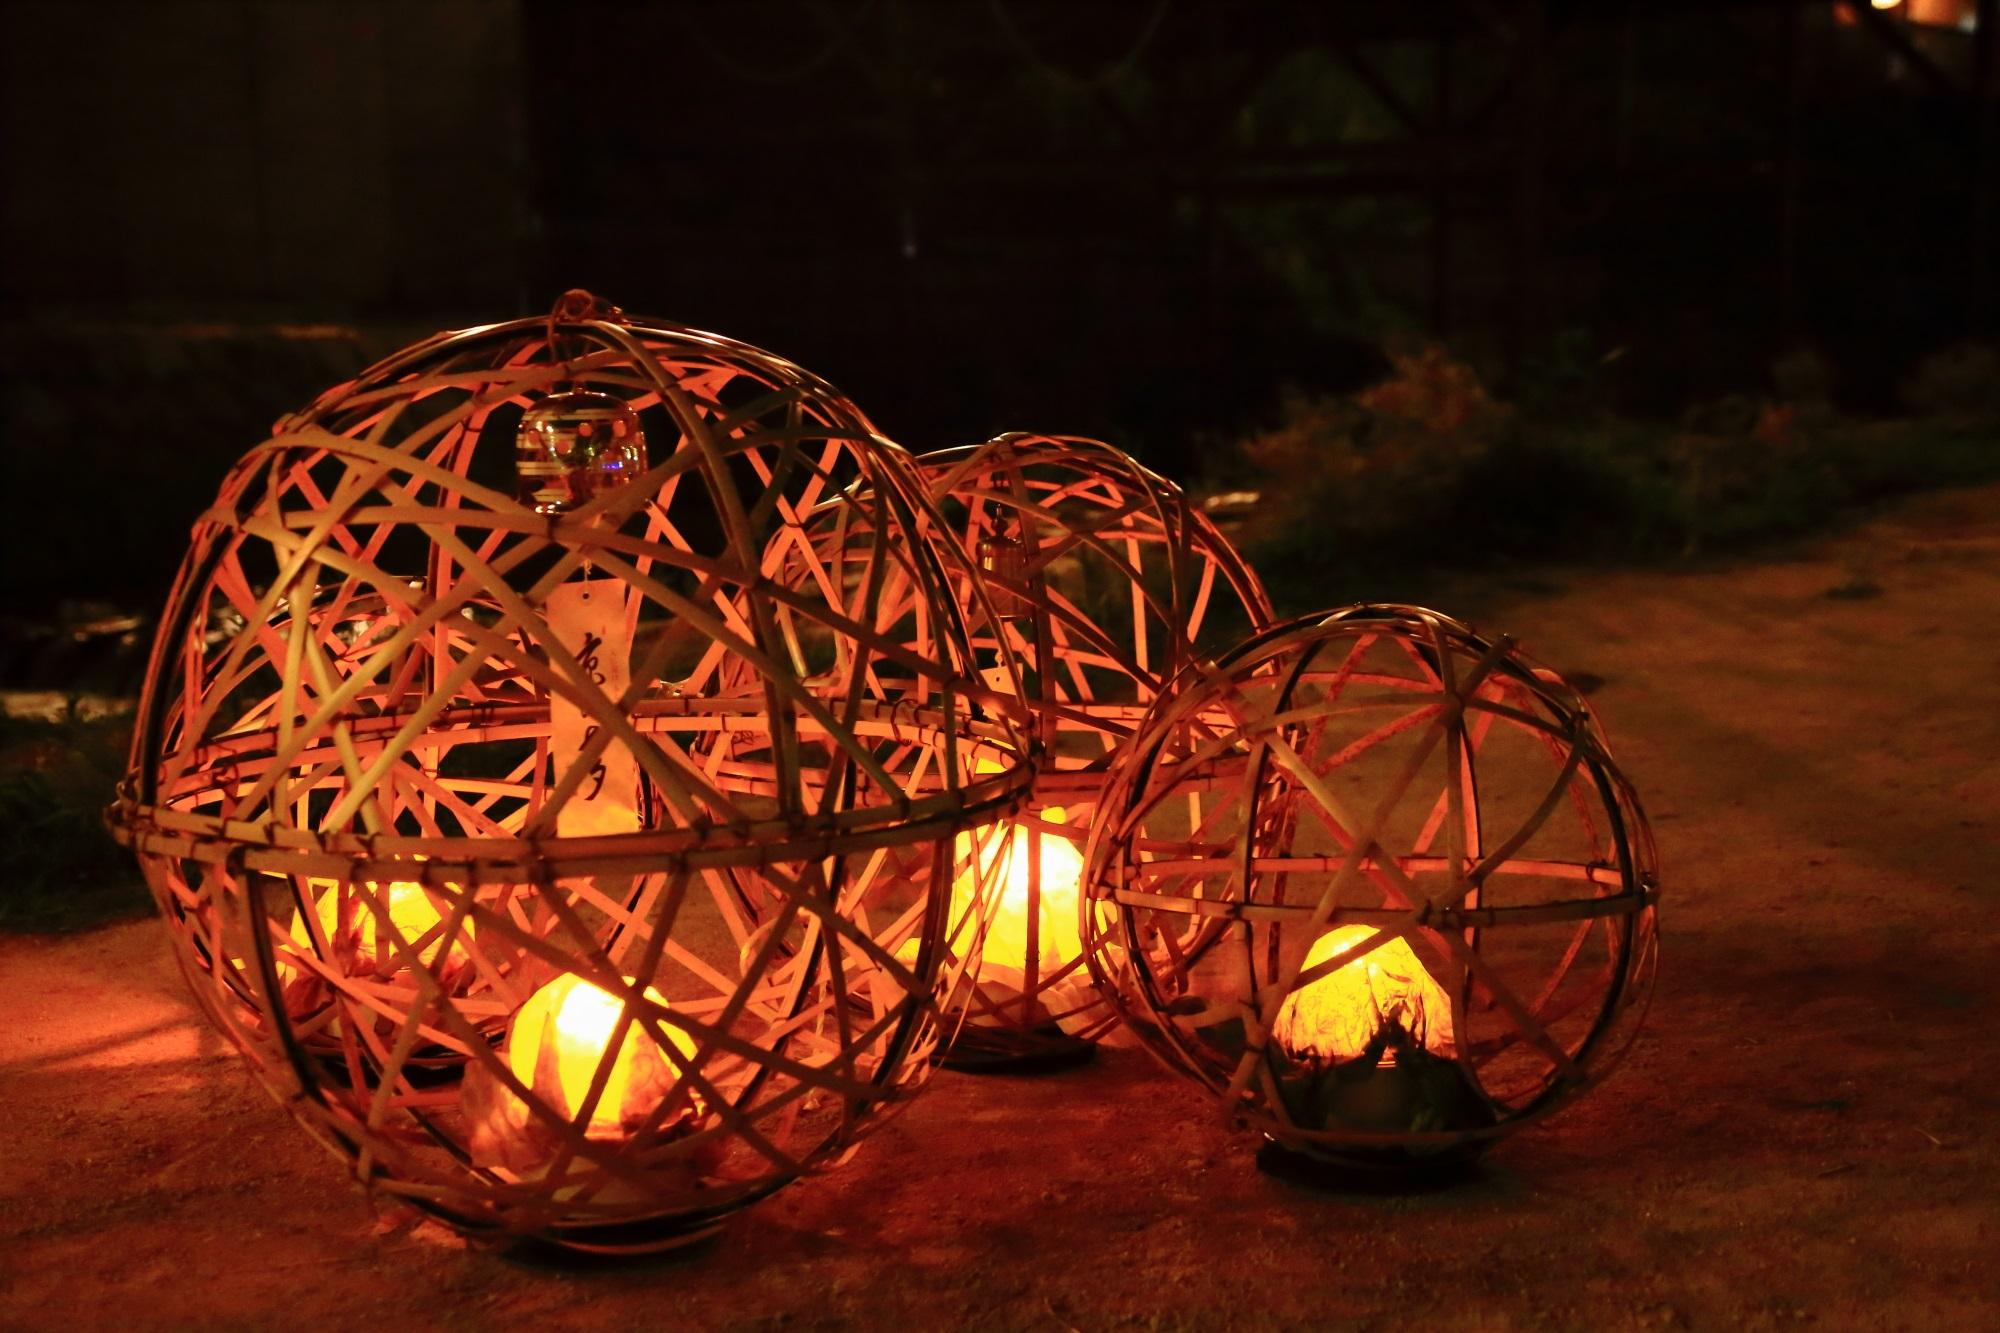 京都の夏の風物詩の京の七夕鴨川会場の風鈴灯